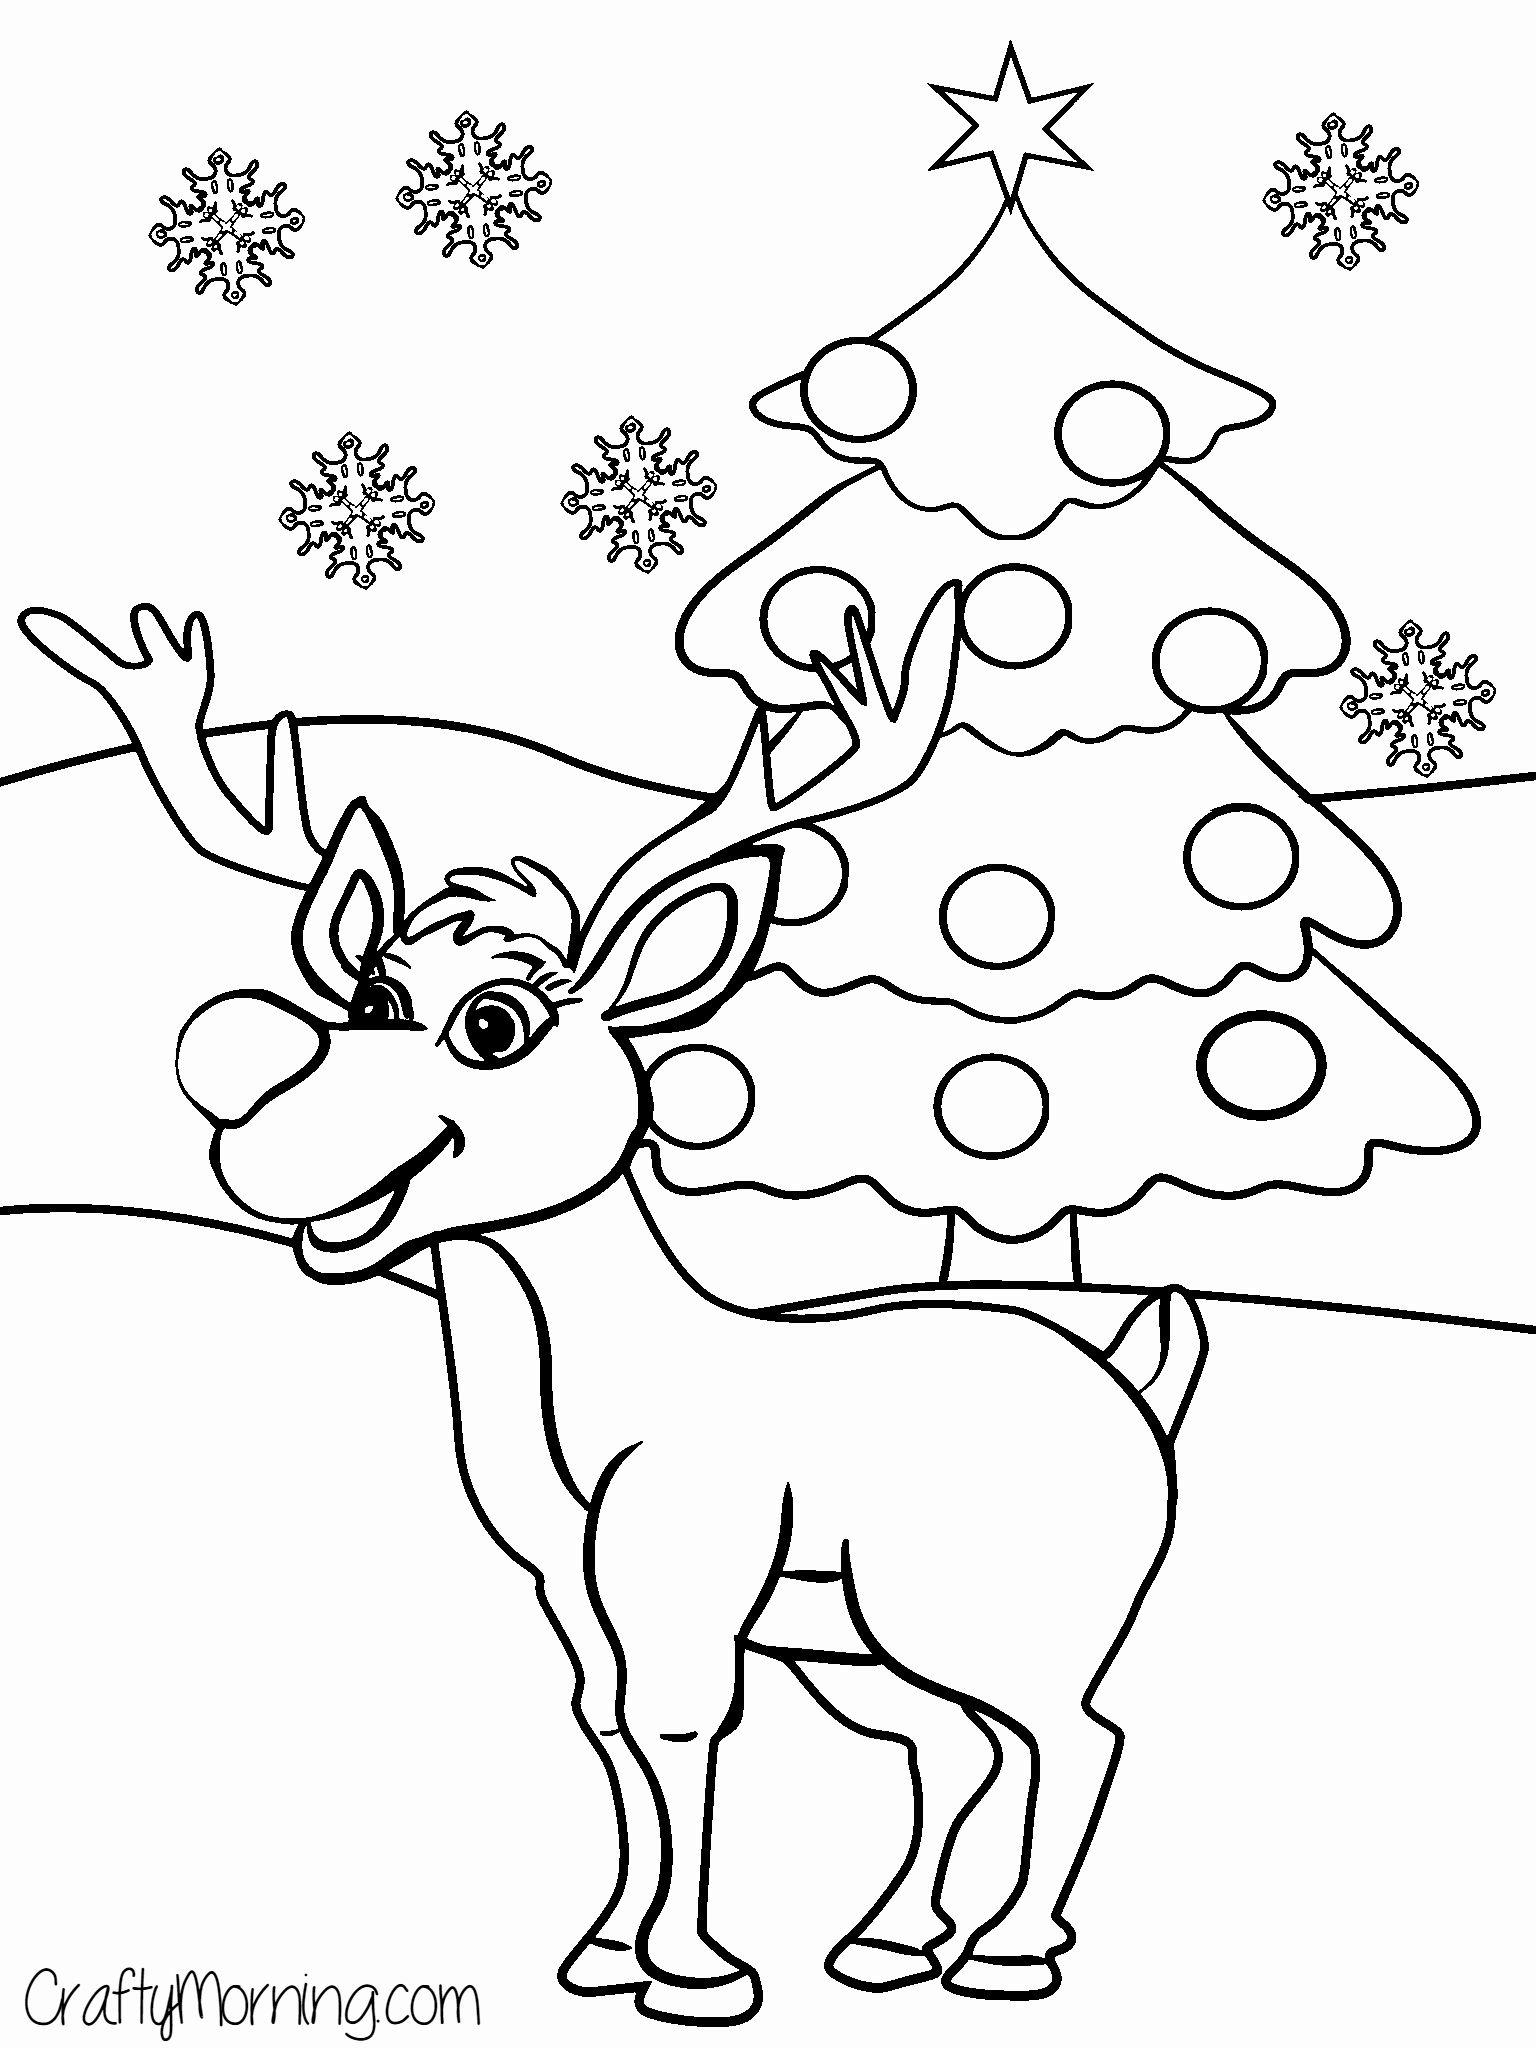 Christmas Reindeer Coloring Worksheets